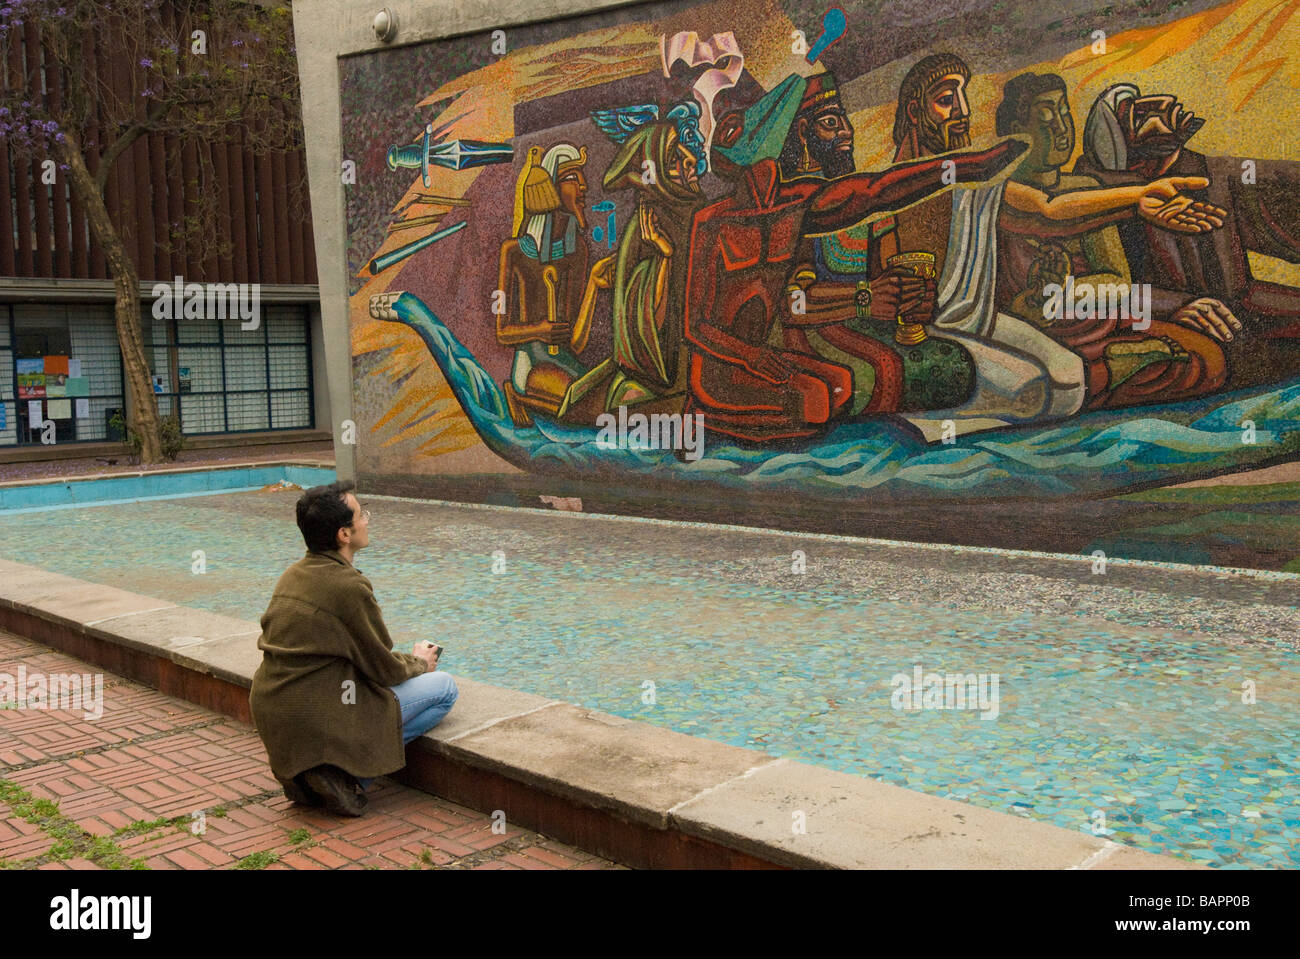 Jose chavez morado mosaic mural el retorno de for El mural pelicula online